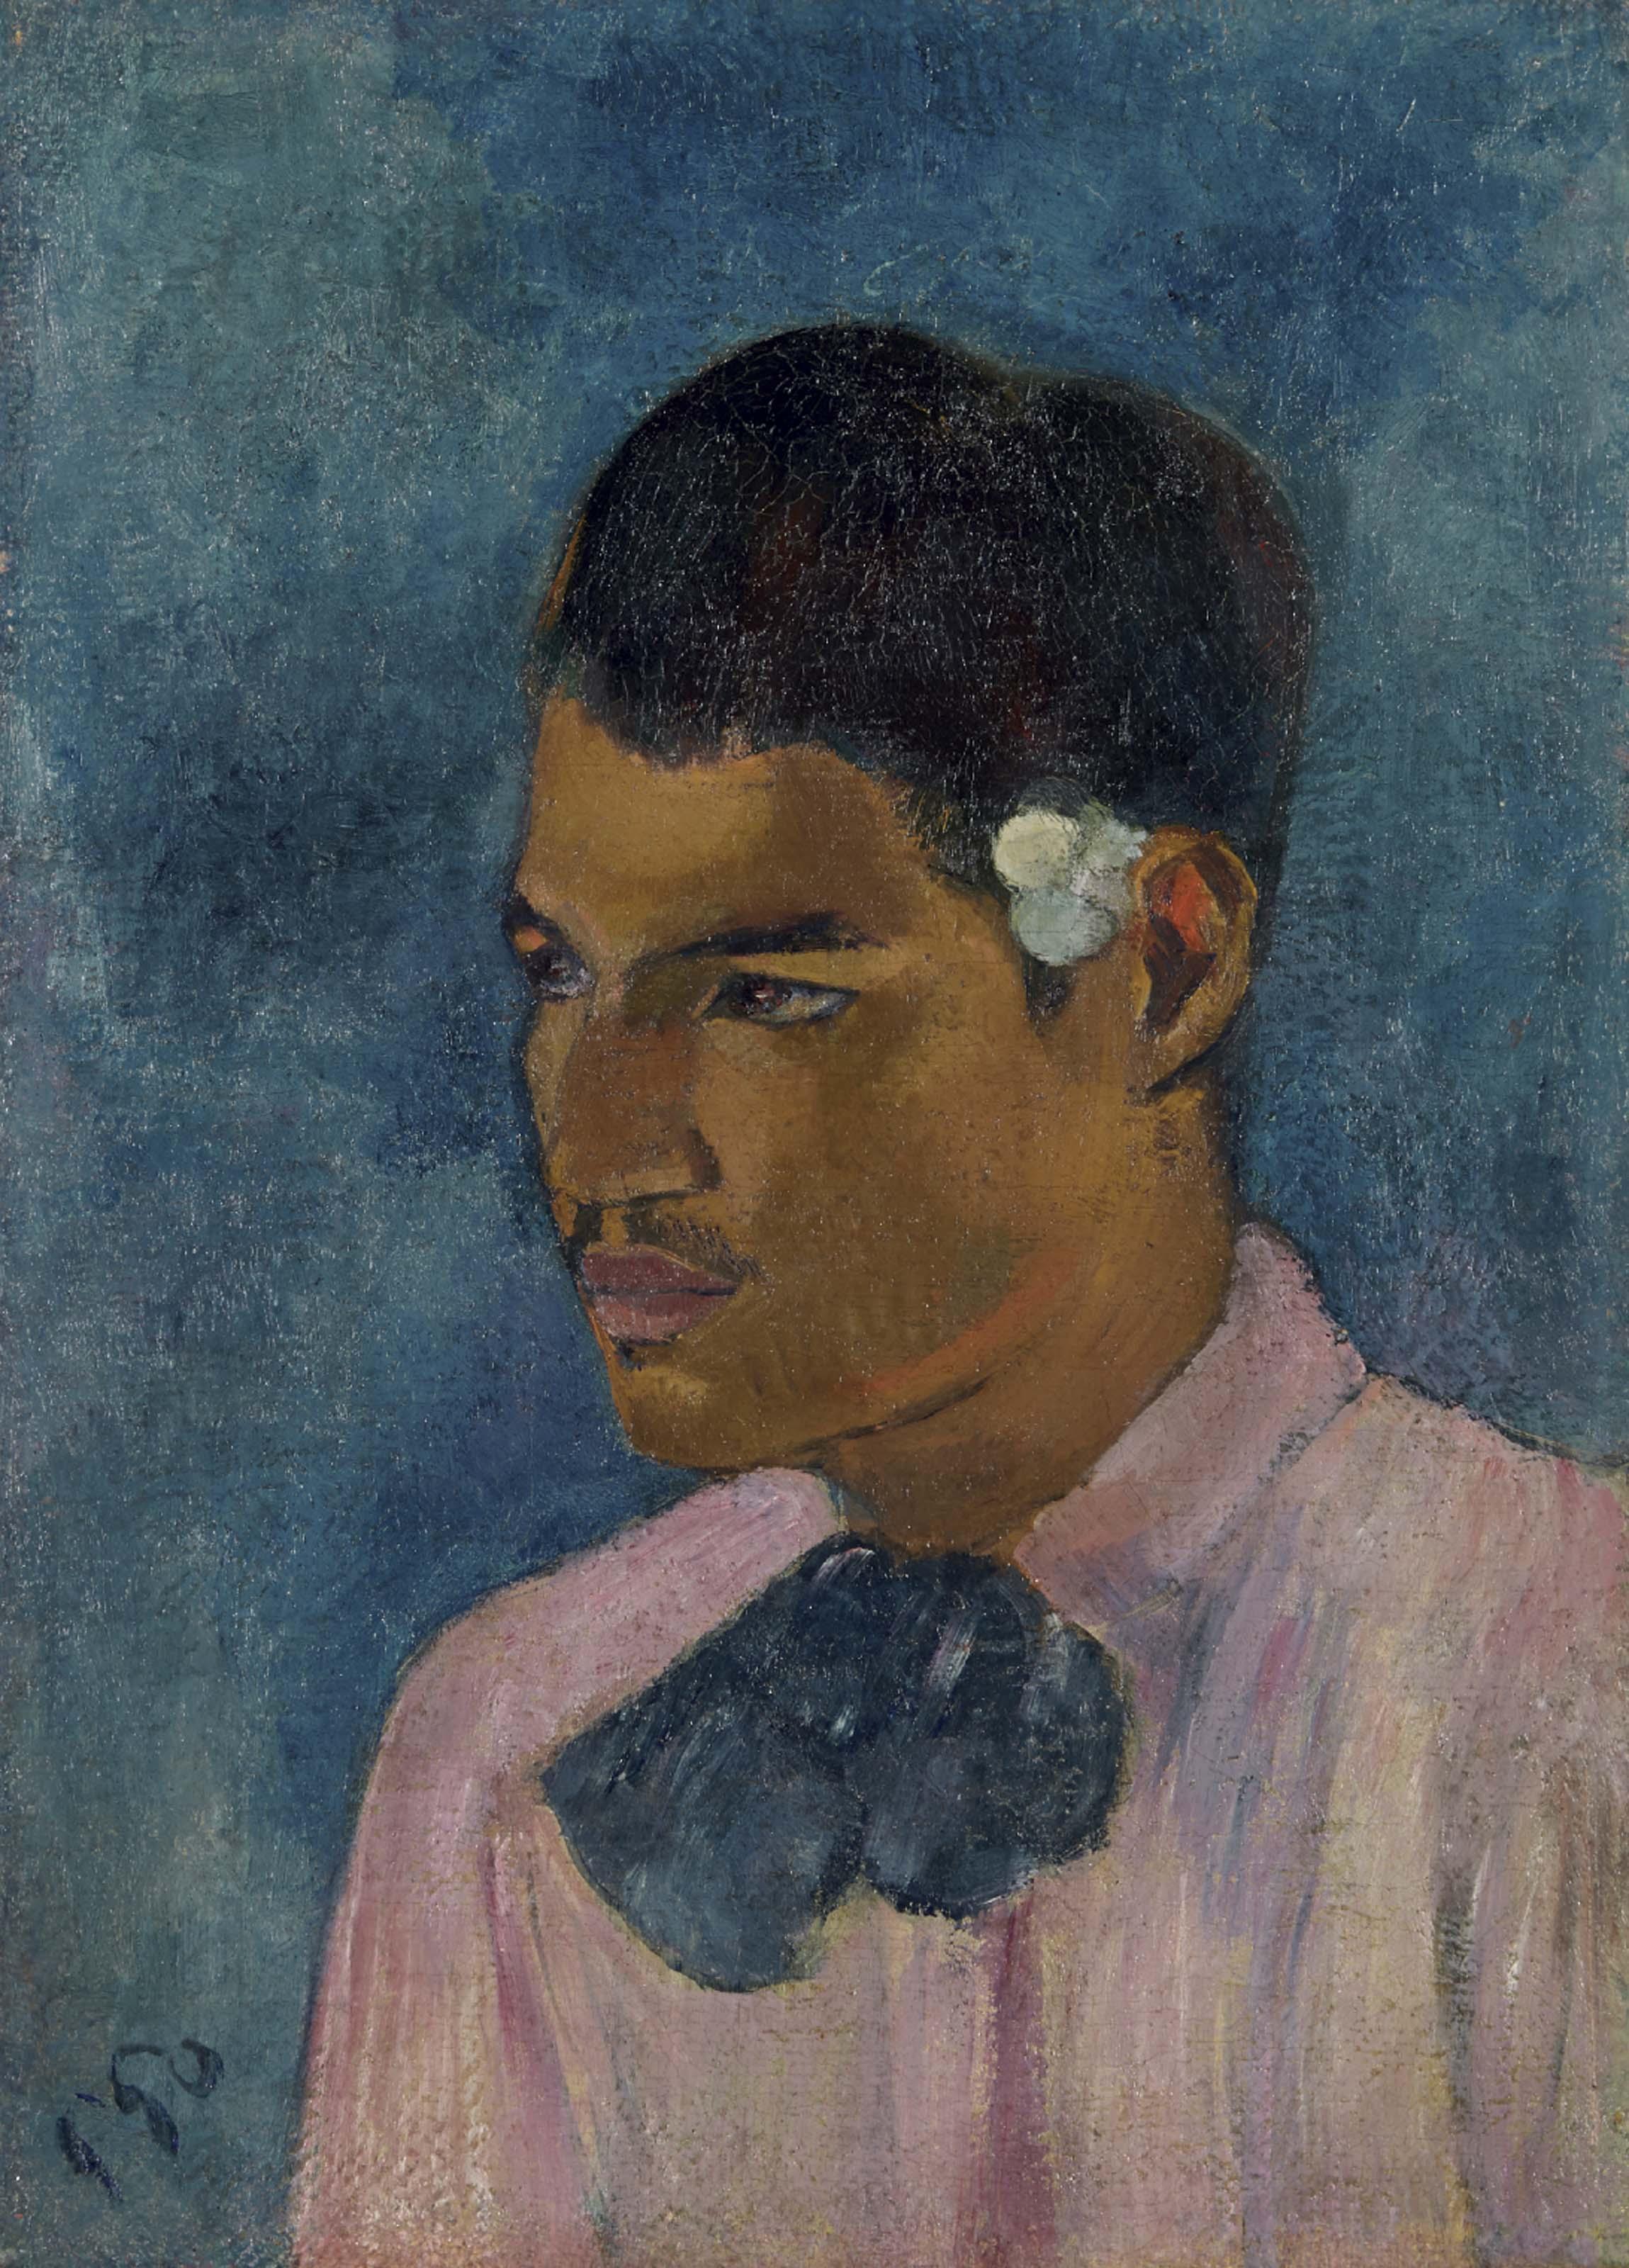 Audio: Paul Gauguin Lot 6A